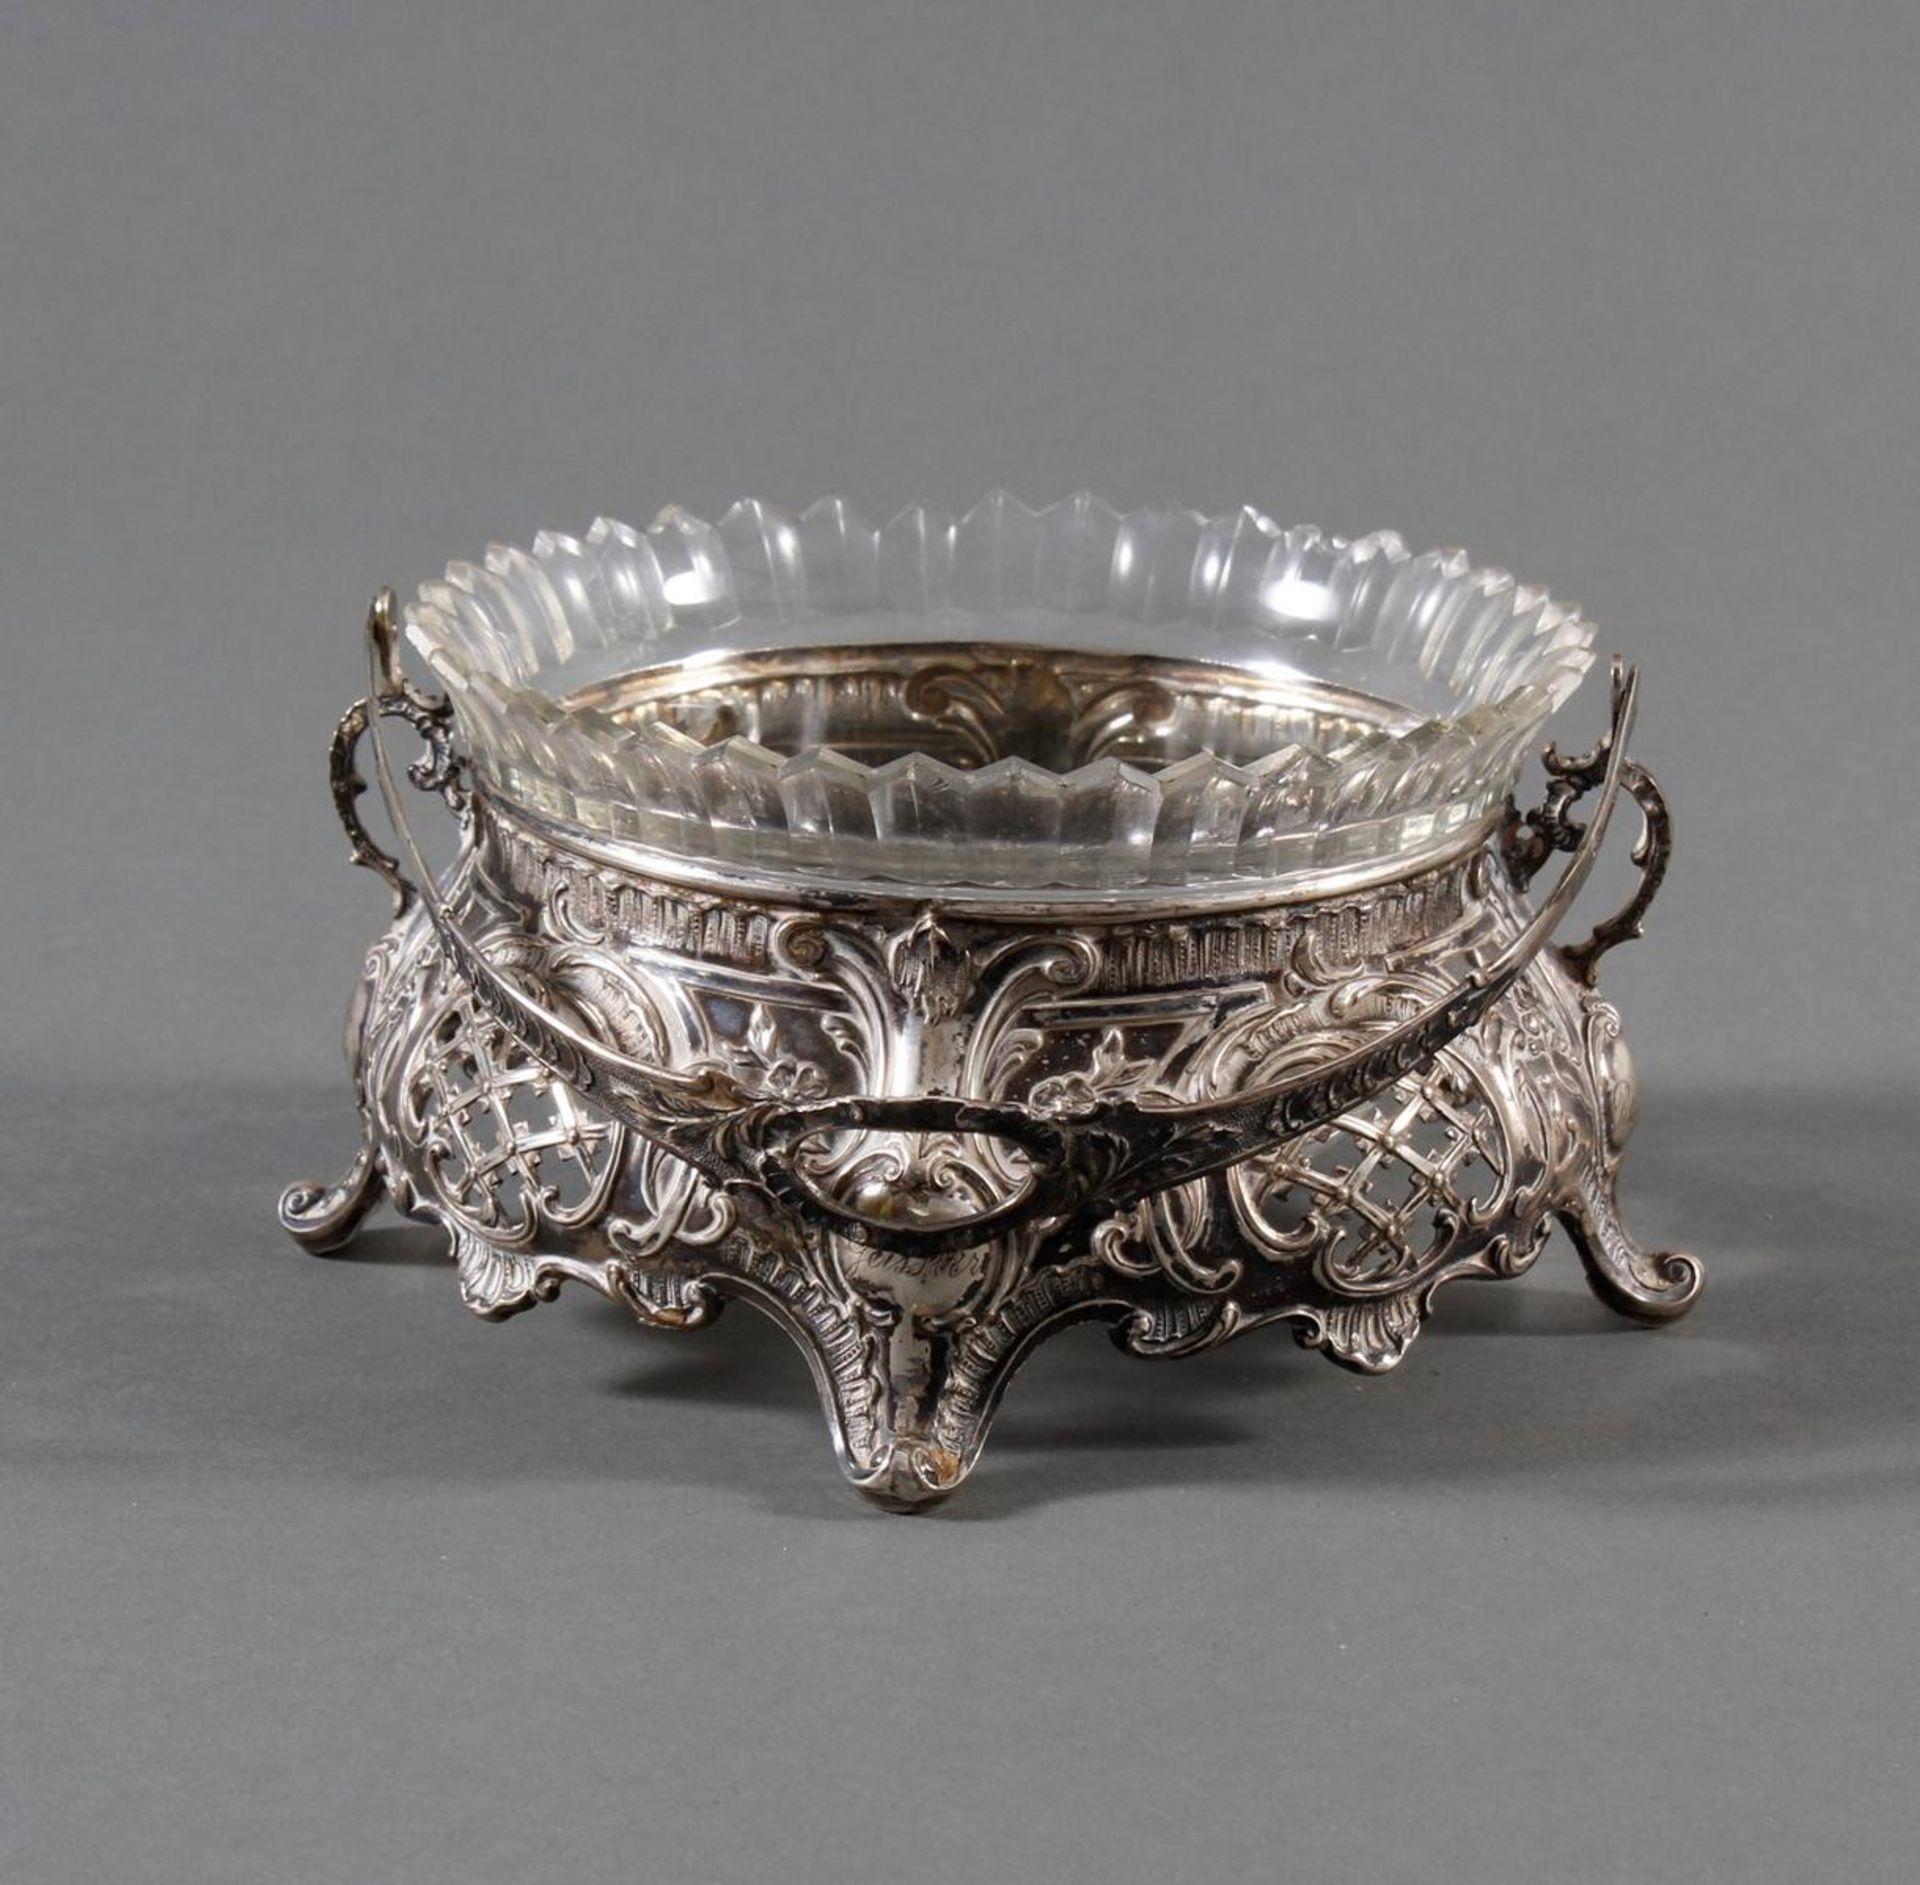 Silbernes Gebäckschälchen mit Glaseinsatz und Gravur - Bild 2 aus 11